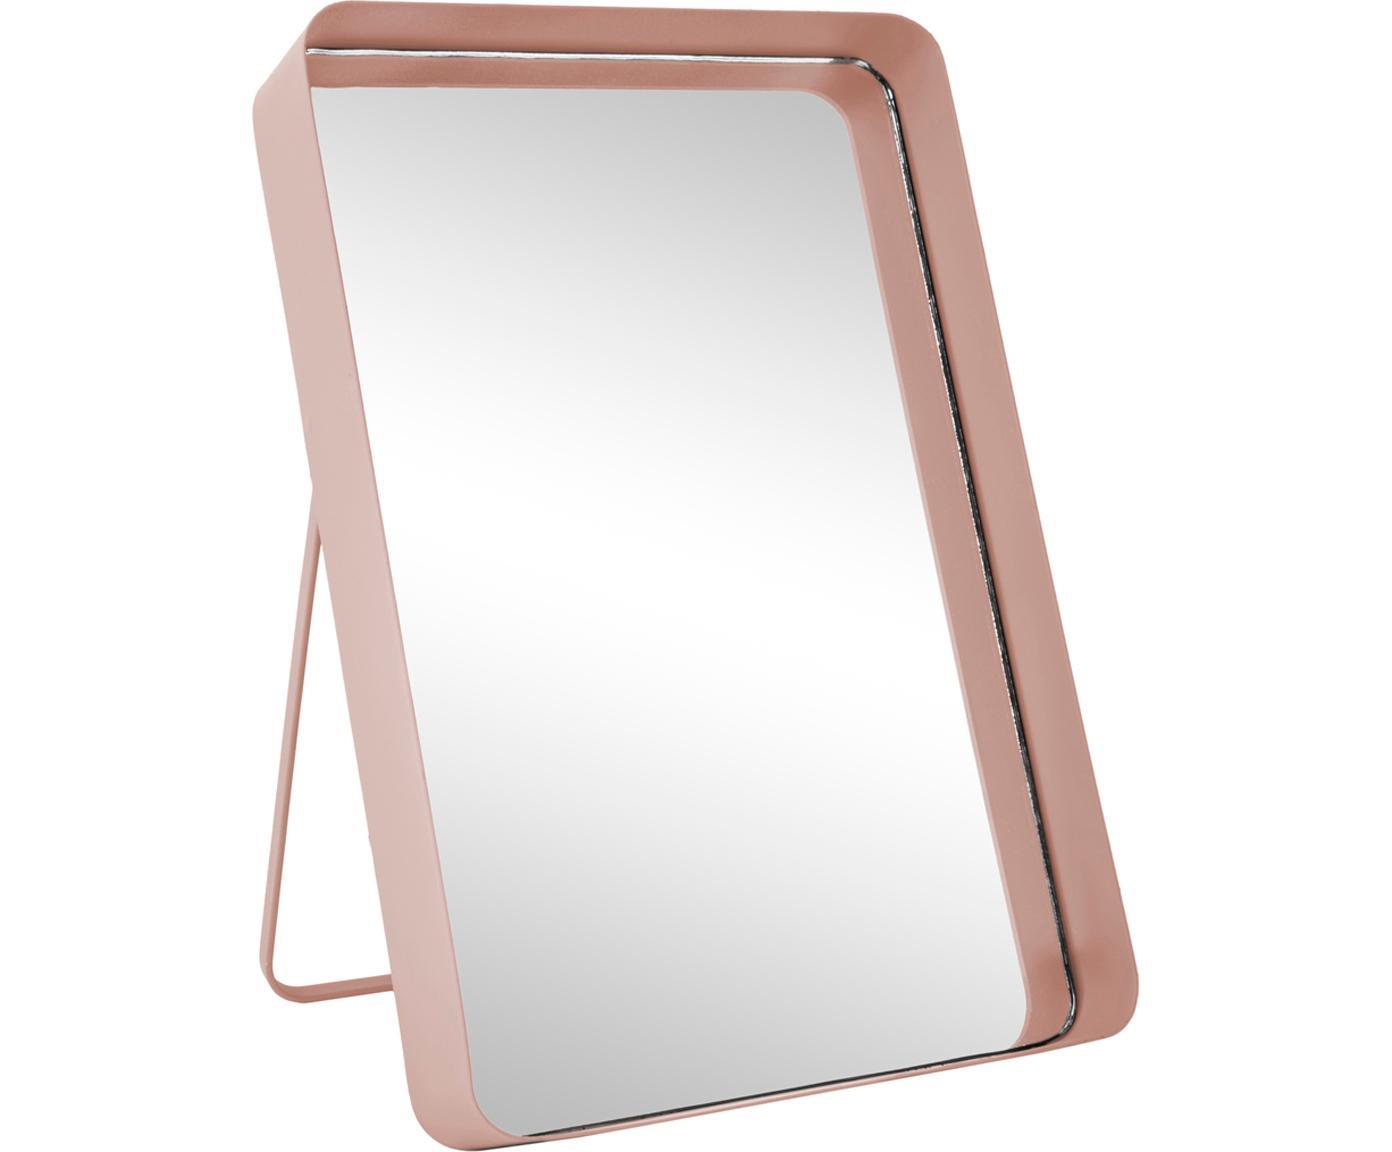 Kosmetikspiegel Vogue, Rahmen: Metall, lackiert, Spiegelfläche: Spiegelglas, Rosa, 22 x 33 cm